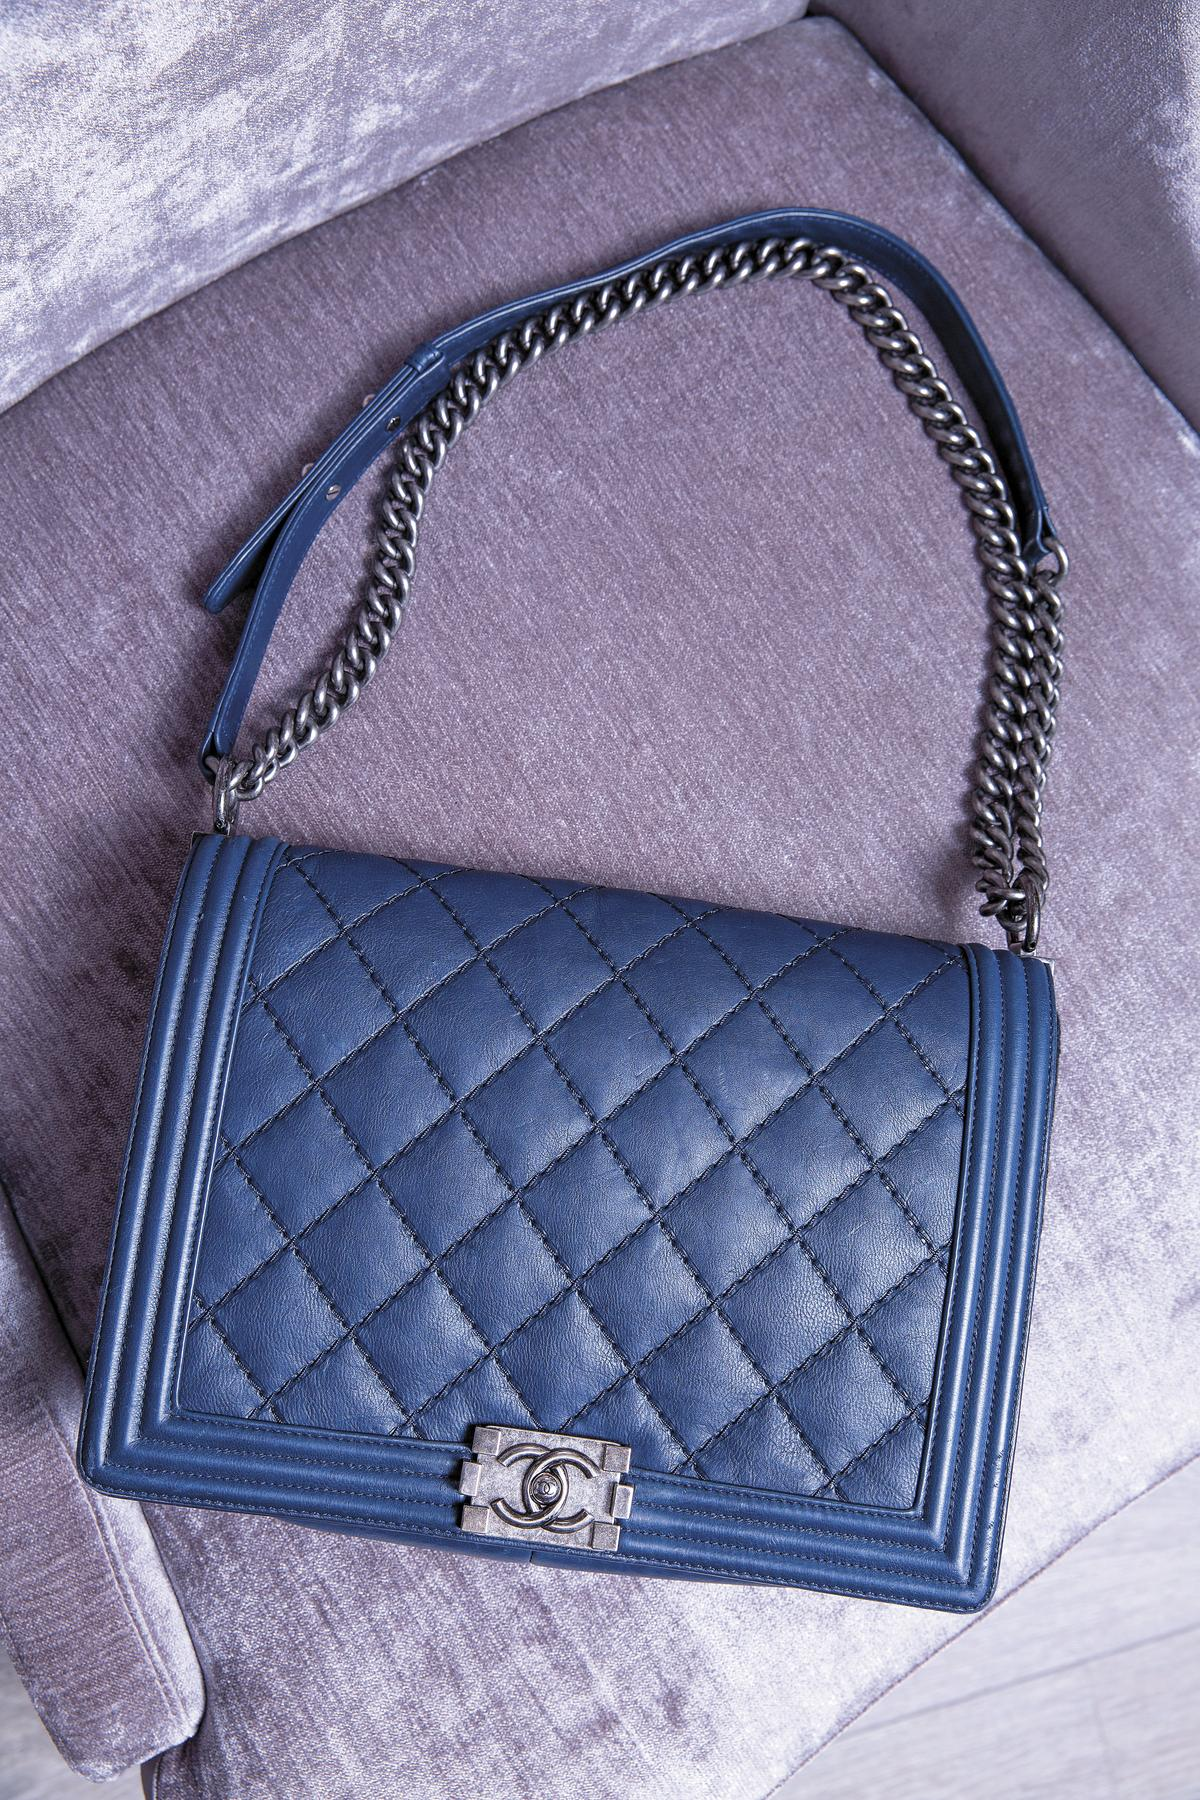 藍色BOY CHANEL,約NT$145,000。大尺寸的包款,在美國遊學時被拿來當書包用。